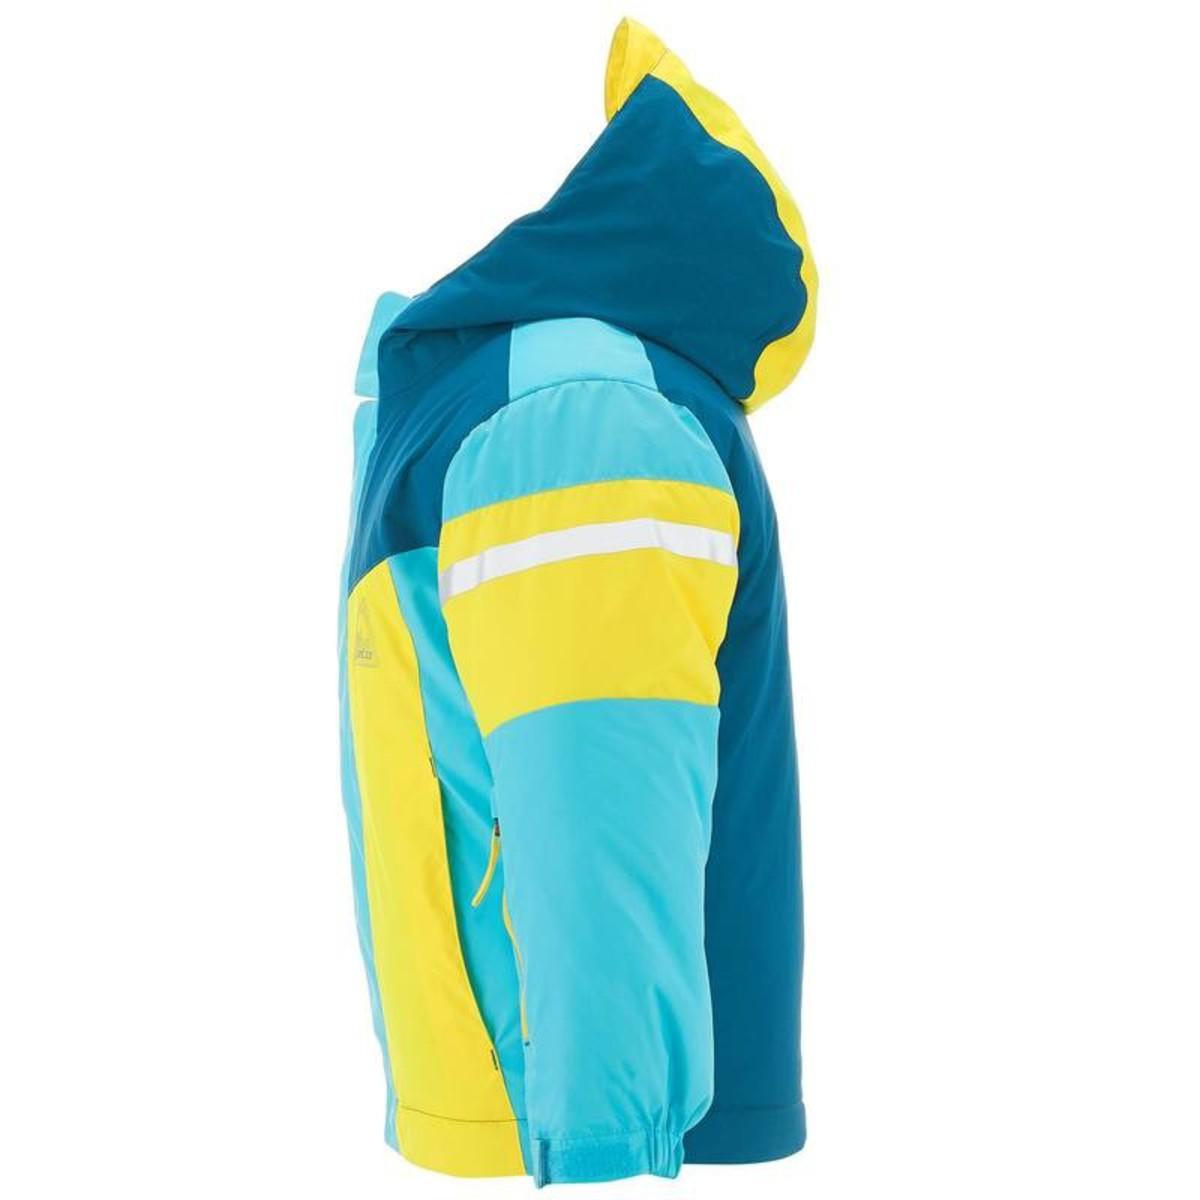 Bild 4 von WED´ZE Skijacke 300 Kinder blau/gelb, Größe: 3 J. - Gr. 95